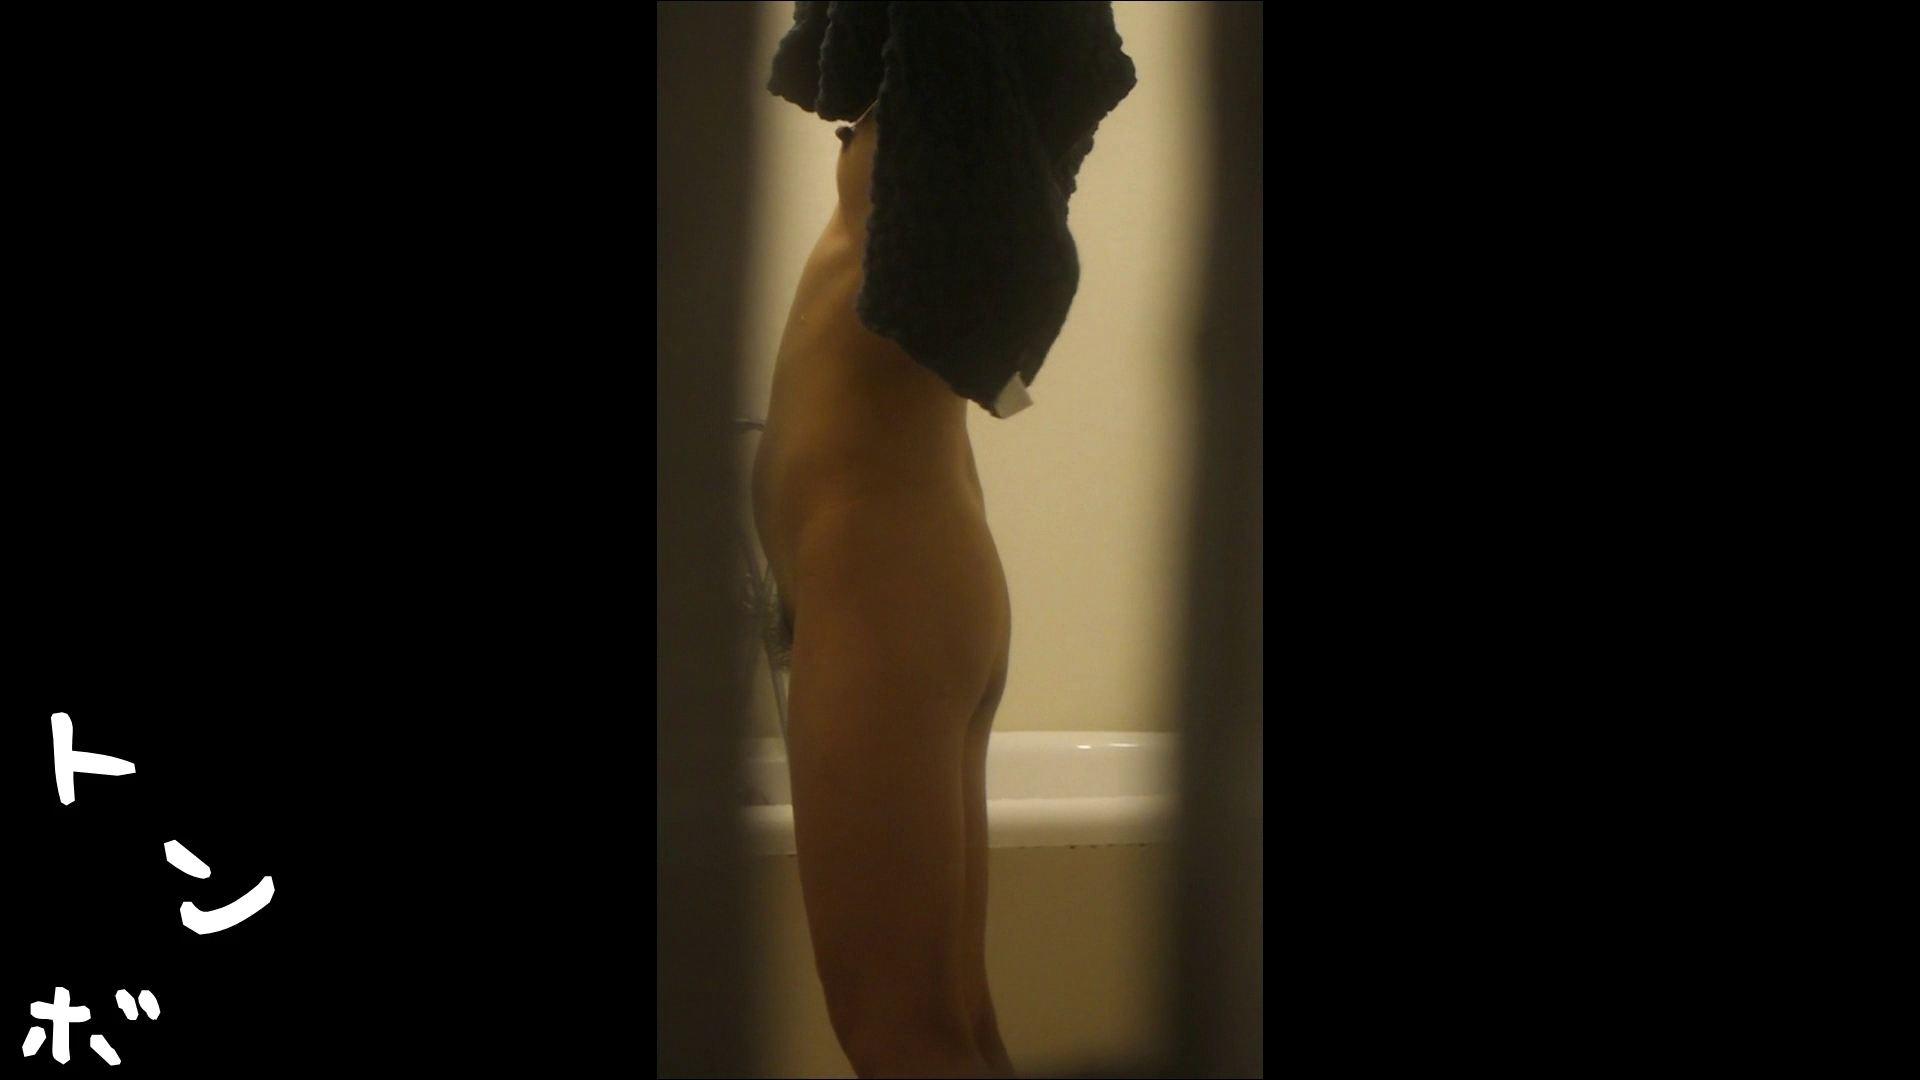 リアル盗撮 現役モデルのシャワーシーン2 高画質 隠し撮りオマンコ動画紹介 41連発 8